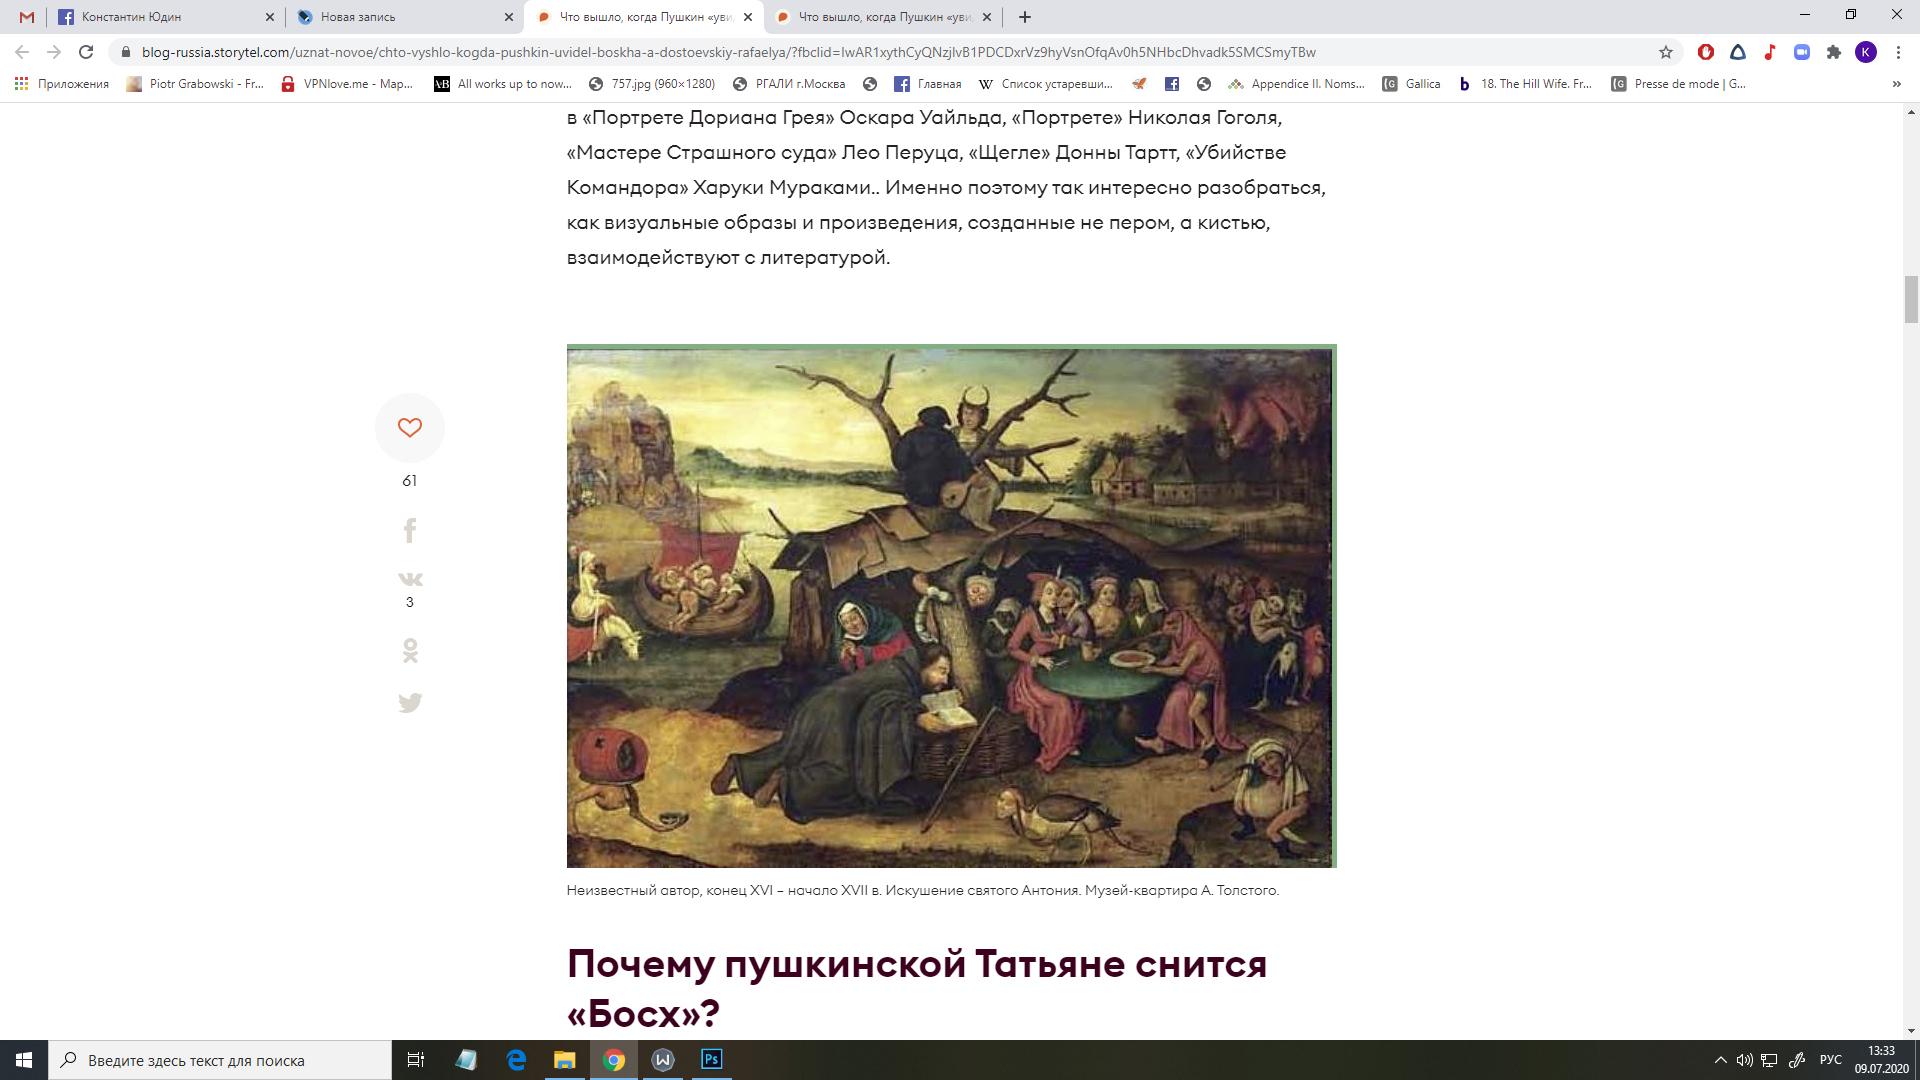 Косякова_скрин_статья2